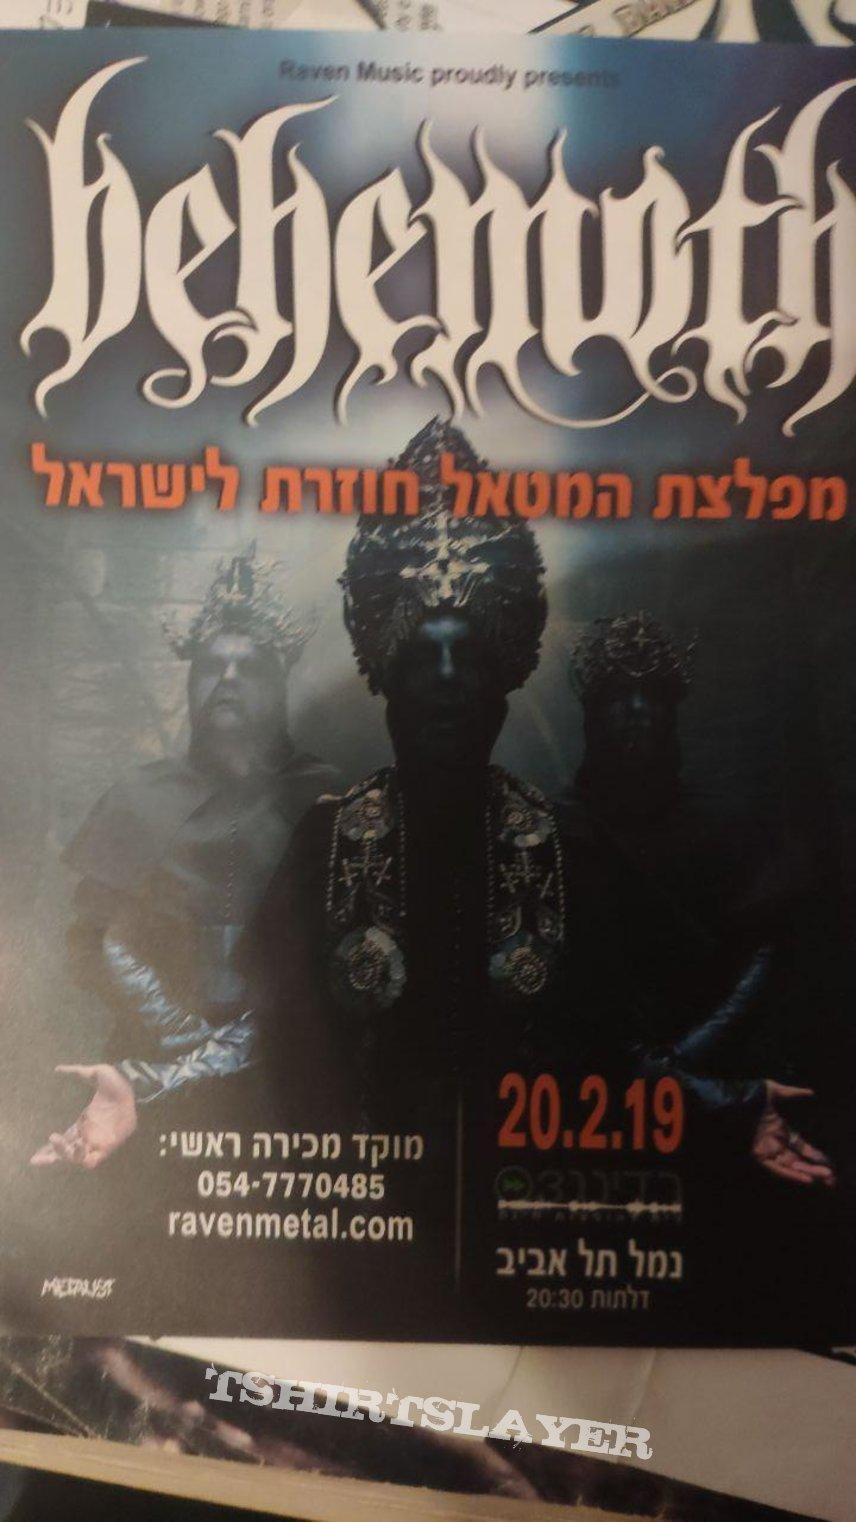 Behemoth - ILYAYD flyer RavenMusic (israel)